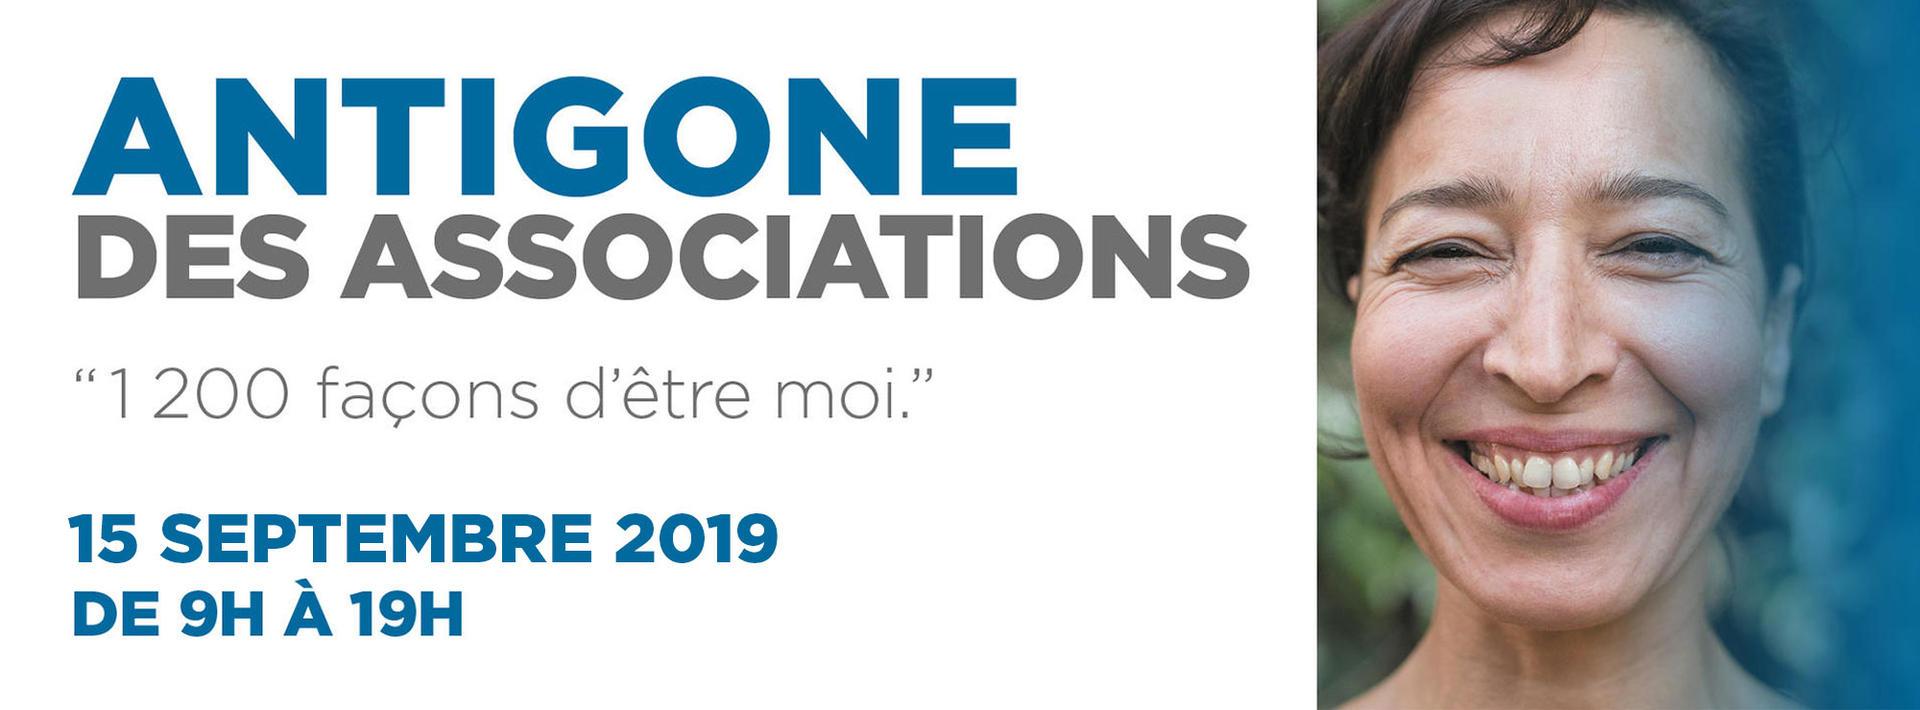 Foire aux assos Montpellier 2019